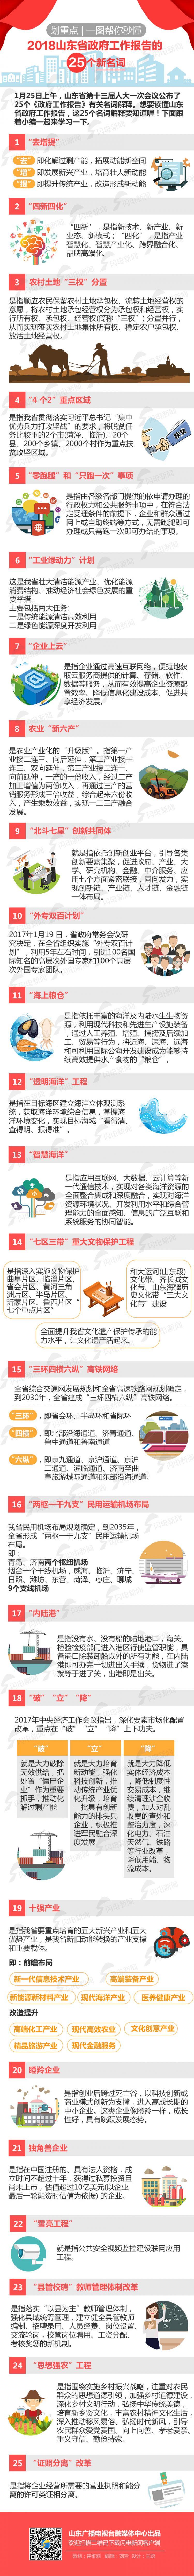 2018山东省政府工作报告的25个新名词.jpg